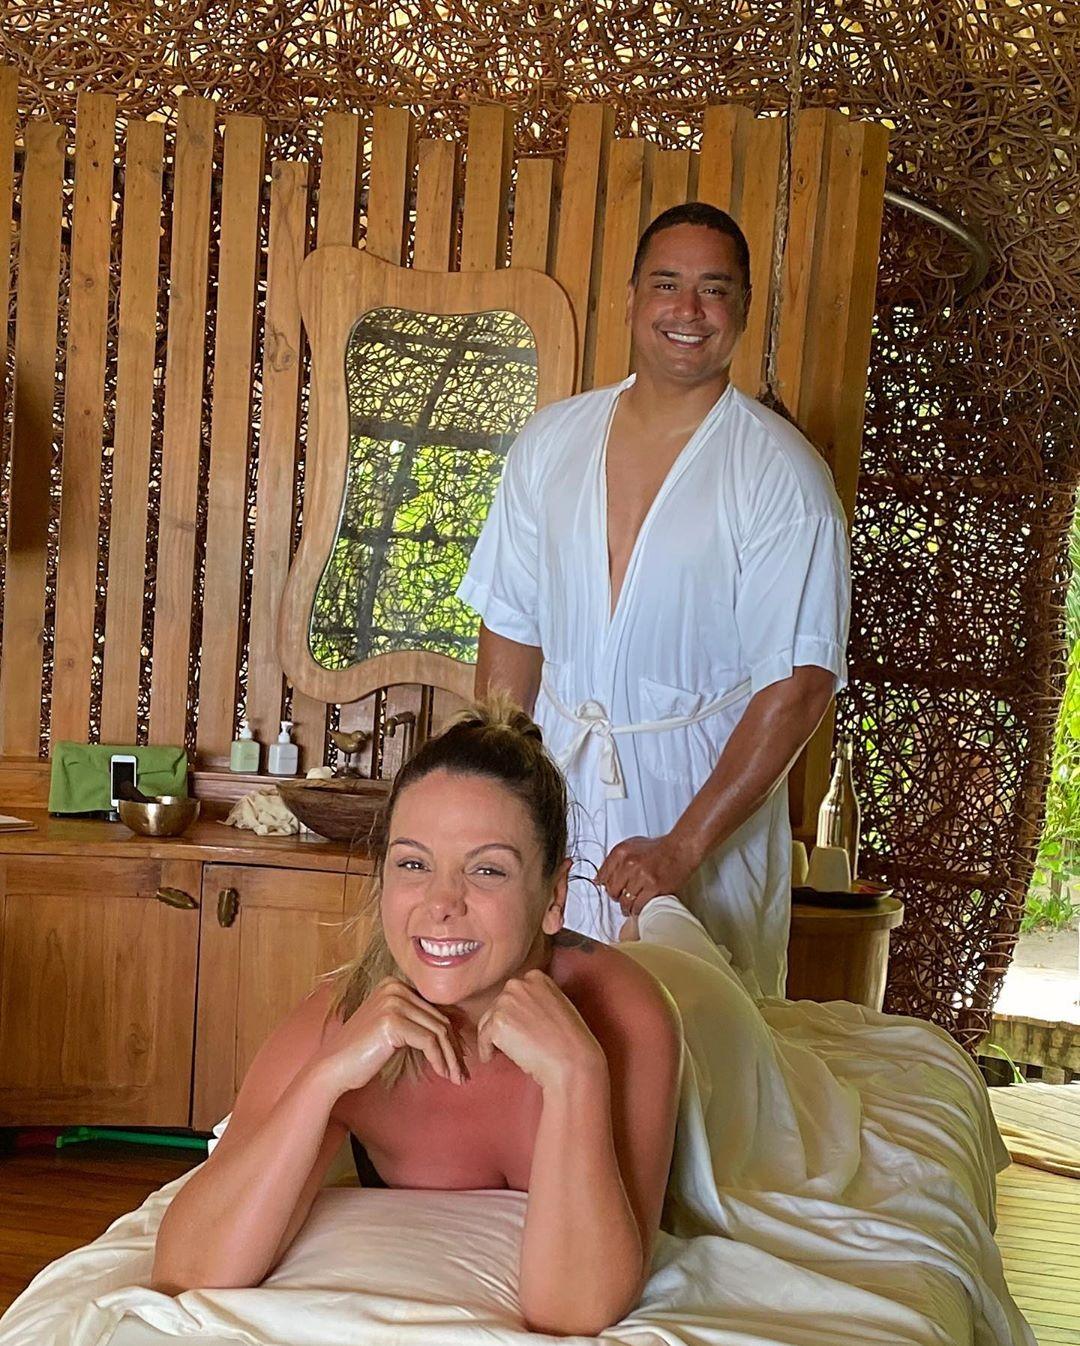 Carla Perez exibe momento íntimo recebendo massagem de Xanddy